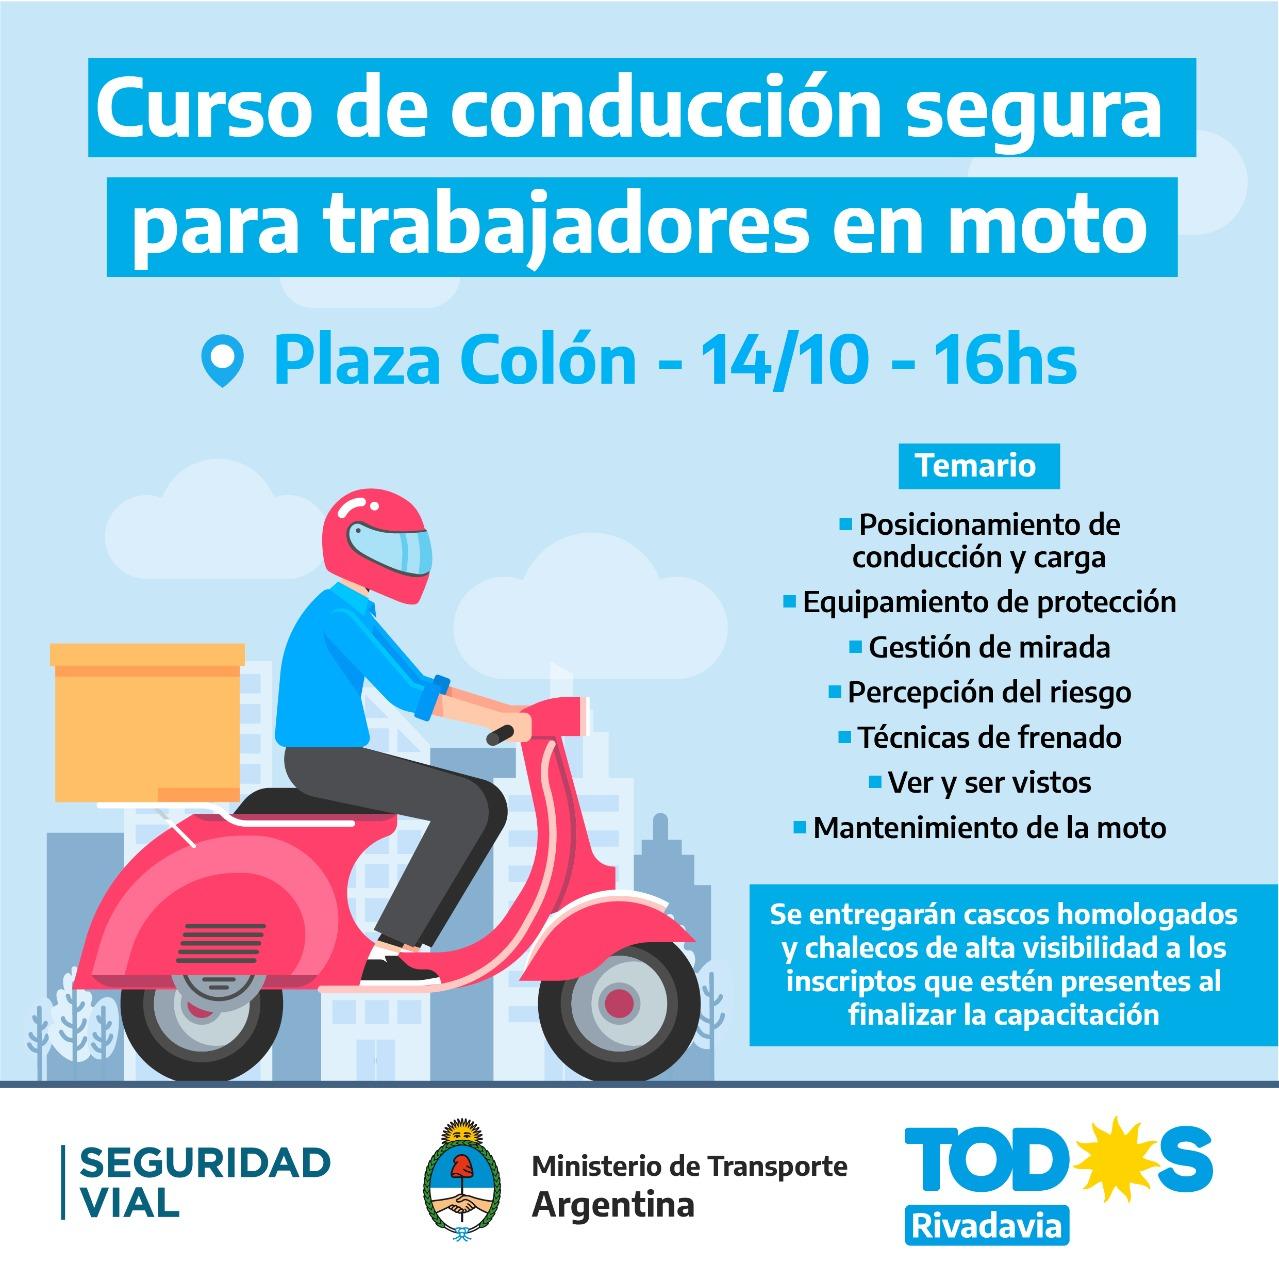 JORNADA DE SEGURIDAD VIAL: CURSO DE CONDUCCIÓN SEGURA PARA TRABAJADORES EN MOTO